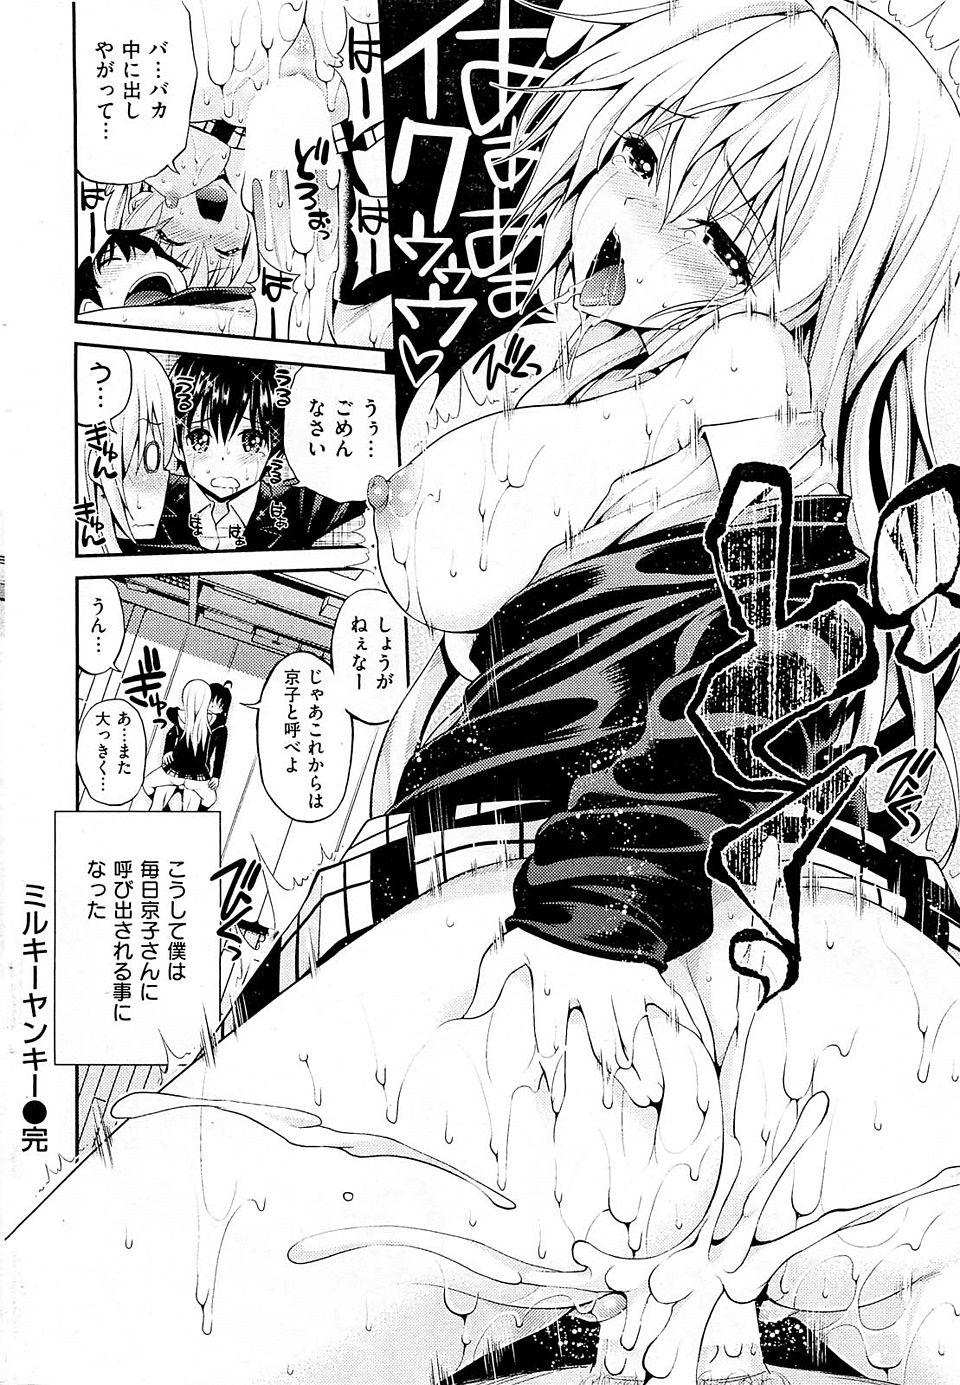 【エロ漫画・エロ同人誌】ヤンキーの巨乳女子校生にイジメられてるけどお願いしたらエッチ出来たwww (16)